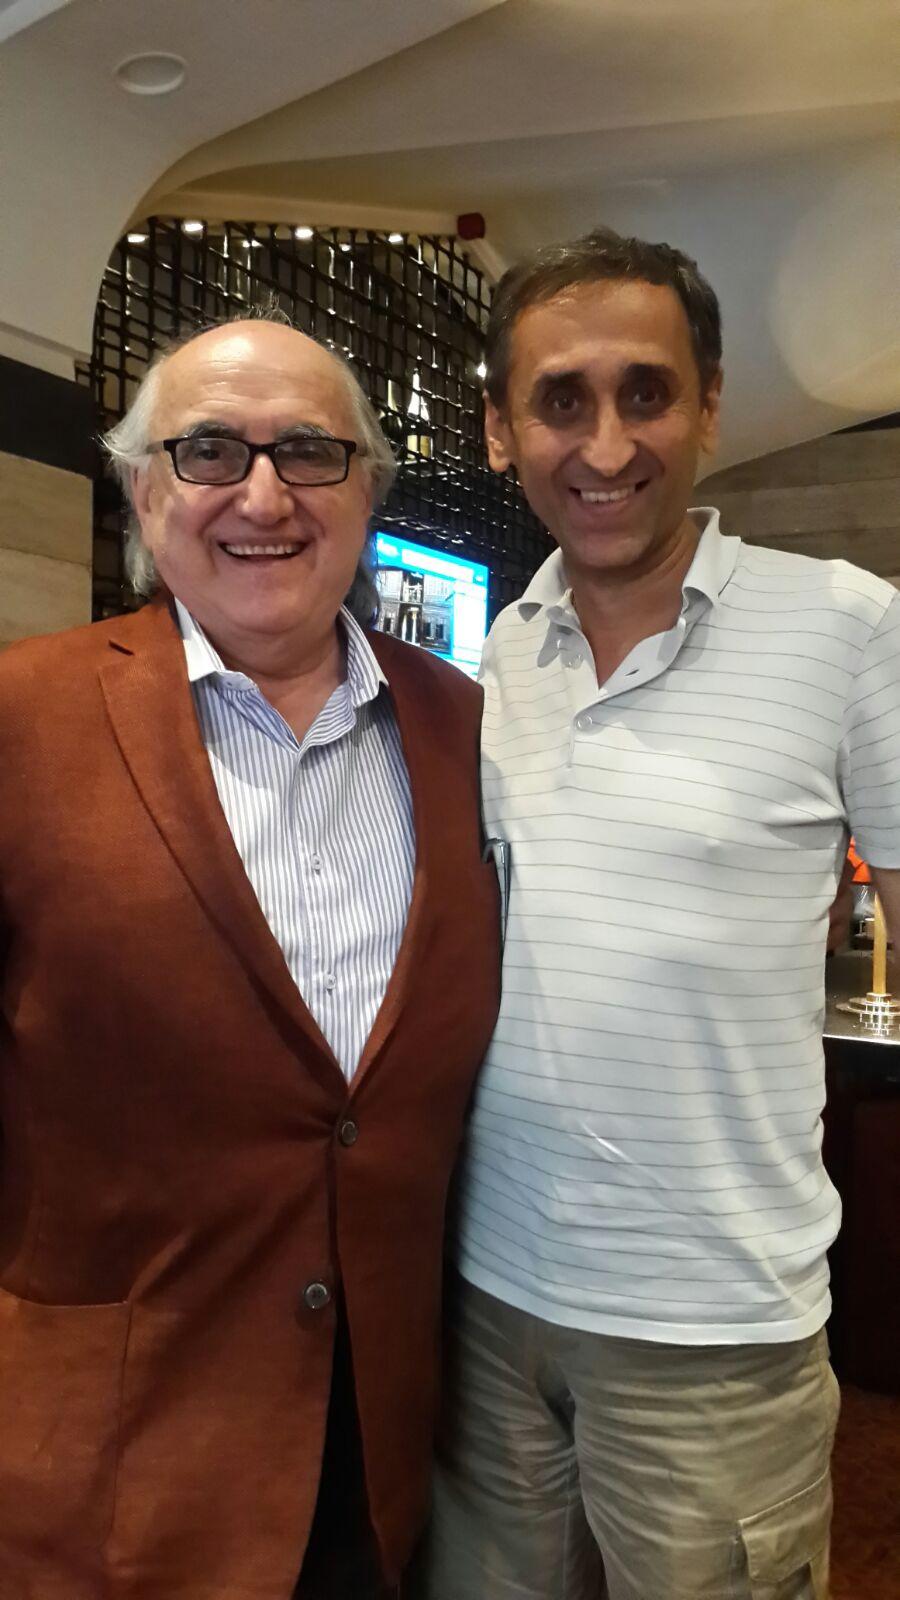 El Dr. Alfredo Jalife con Thierry Meyssan Presidente de Réseau Voltaire en Damasco(Siria)03.09.15